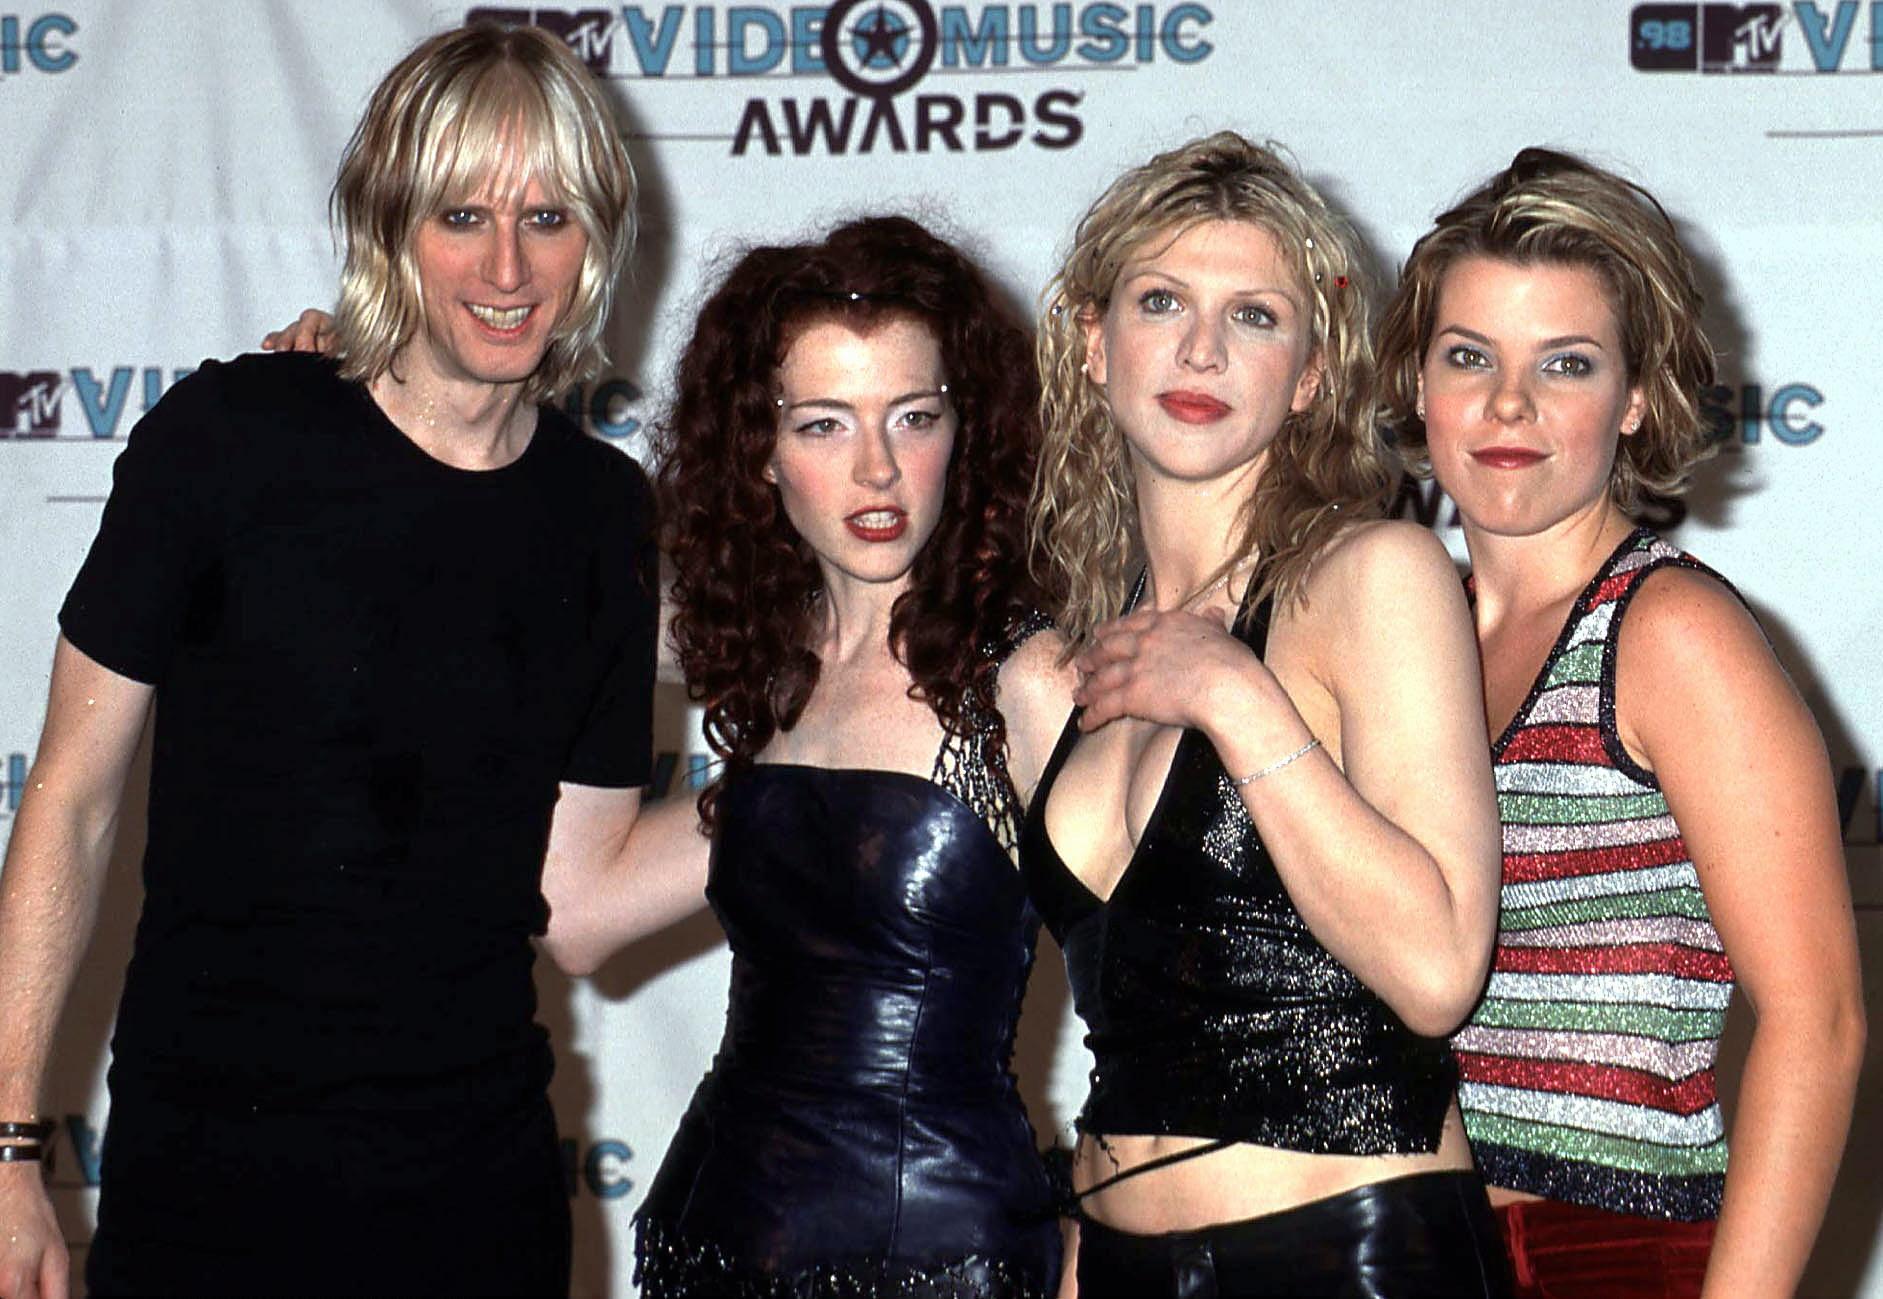 Courtney Love, foto social con le Hole: scatta la reunion?